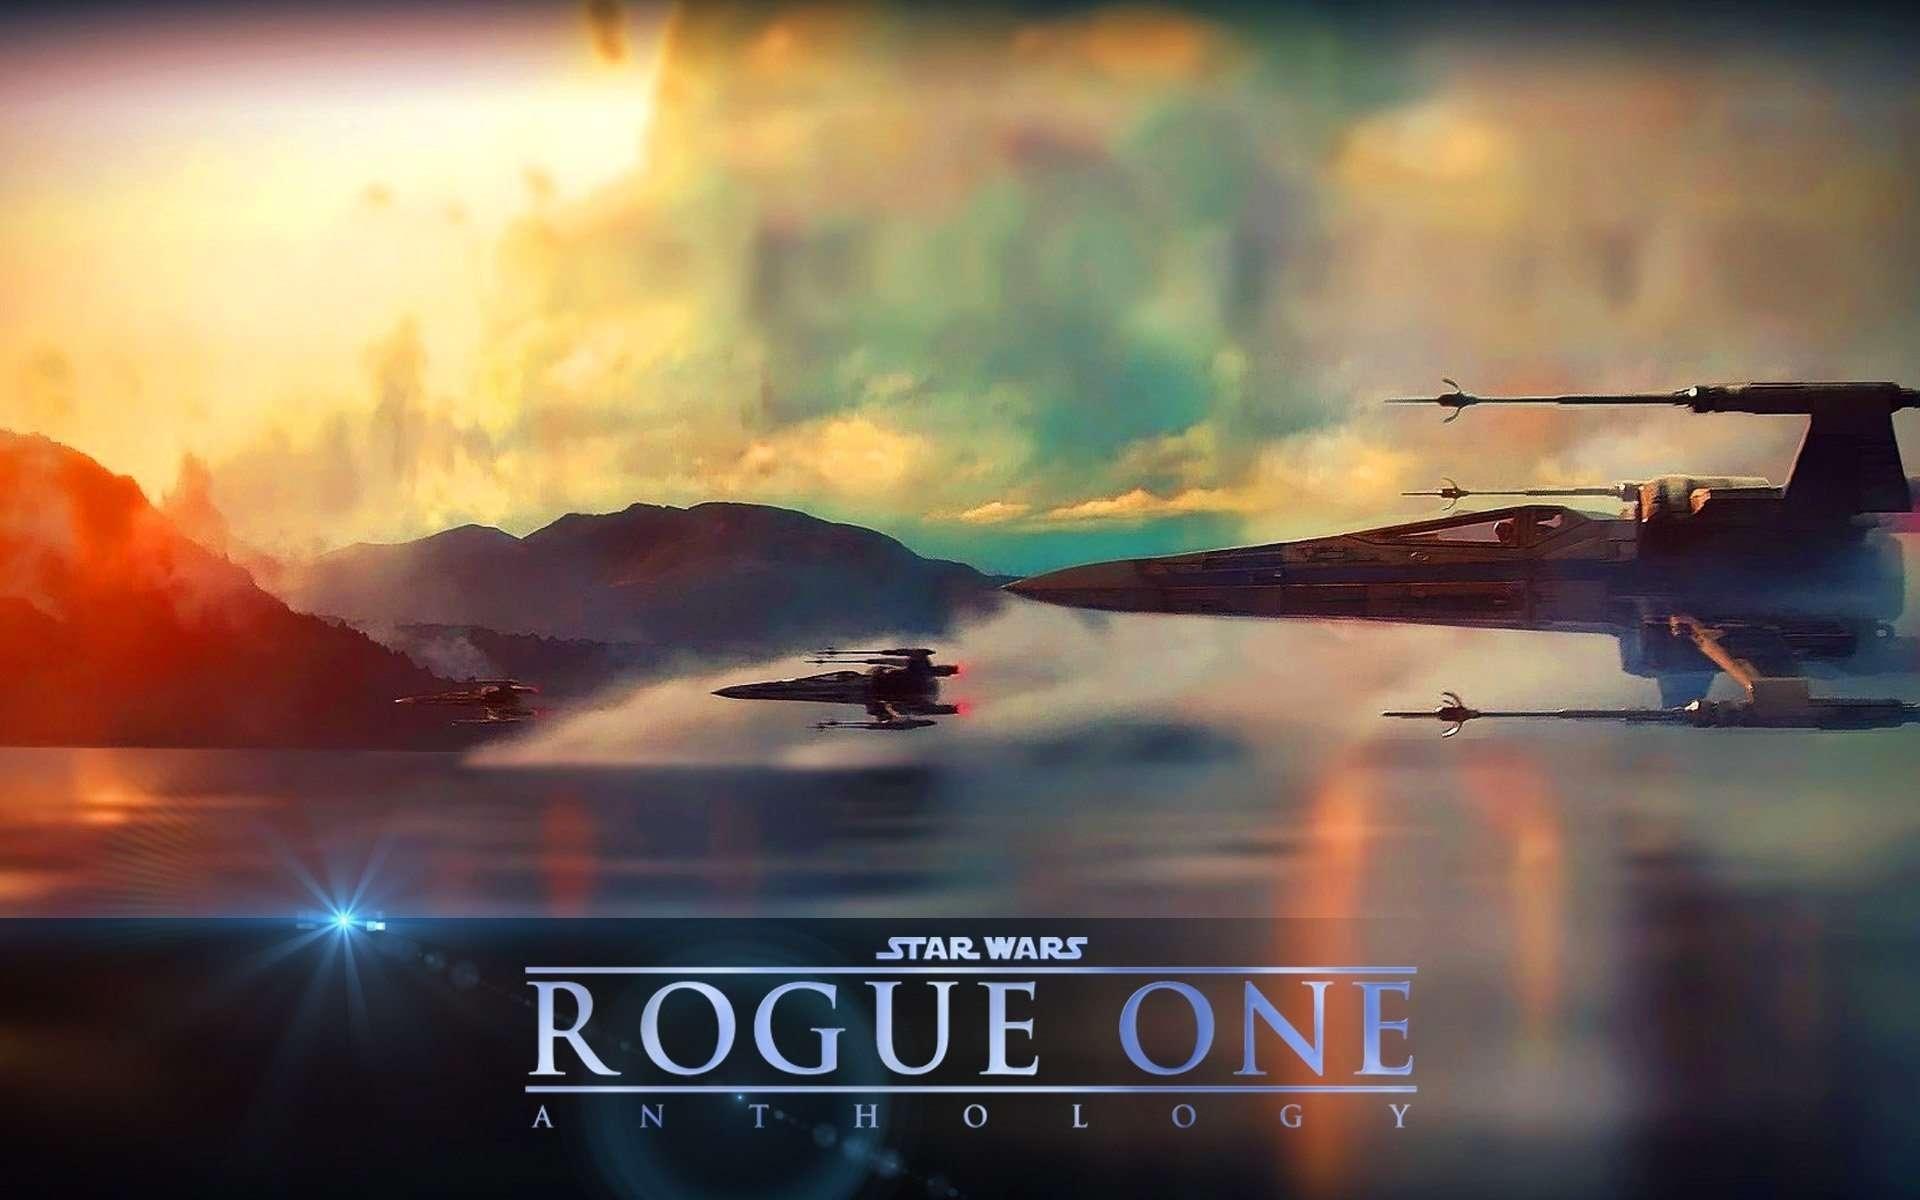 star wars rogue one wallpaper - http://hdwallpaper/star-wars